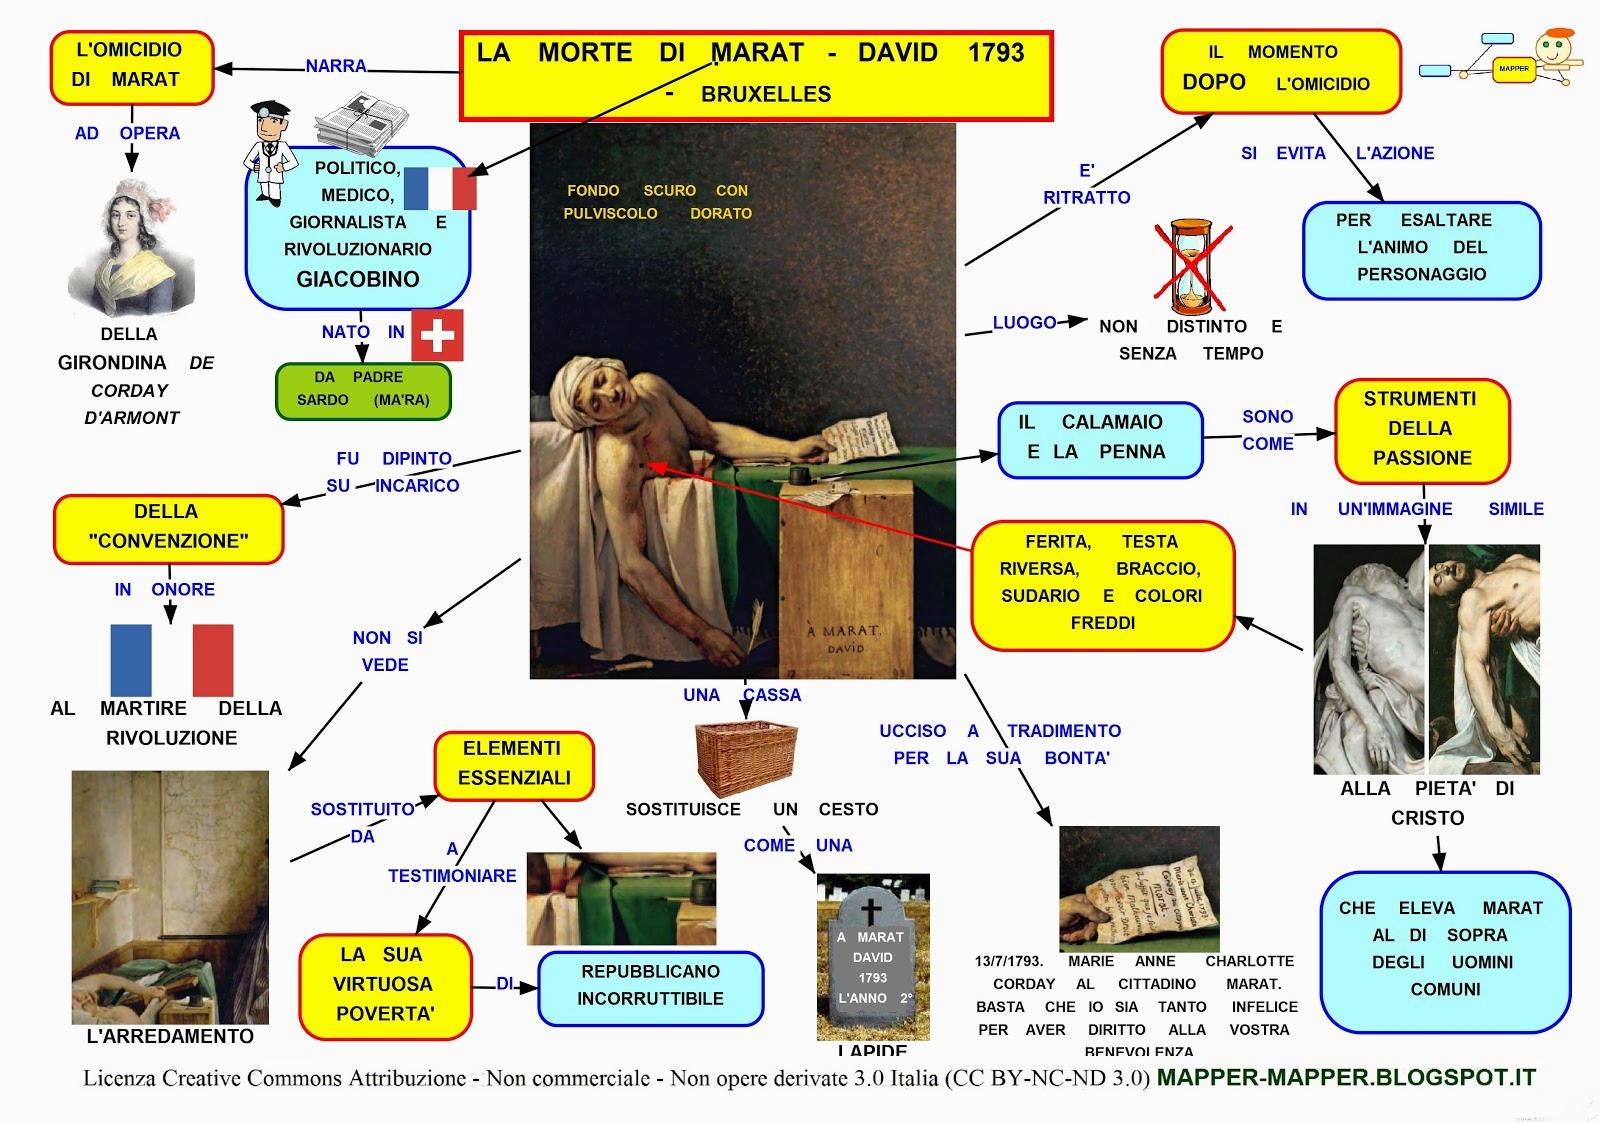 mappa concettuale della morte di marat di David